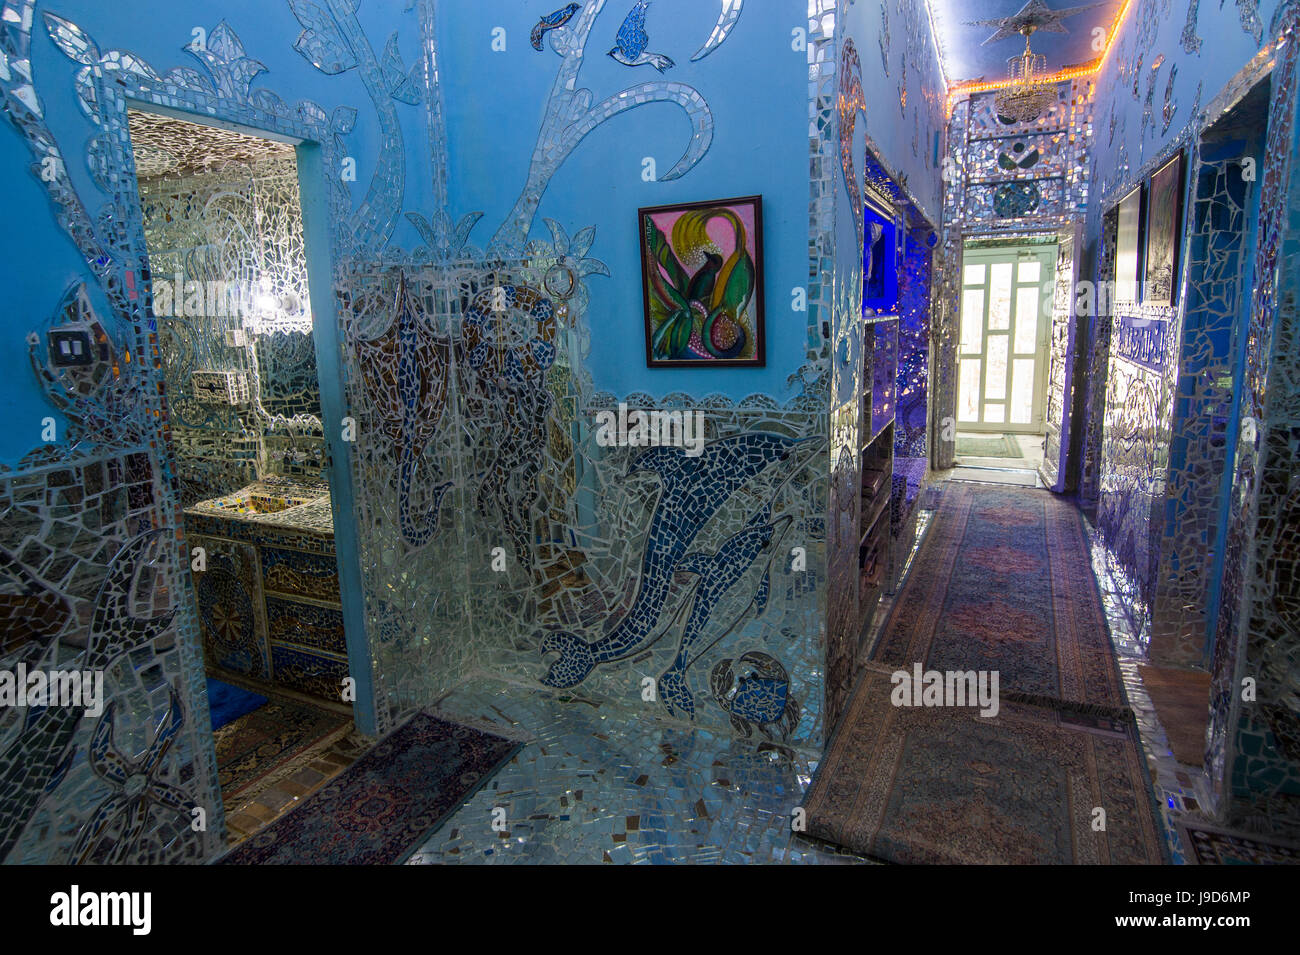 Des murs couverts de miroir dans la maison musée de miroirs, Koweït City, Koweït, Moyen-Orient Photo Stock